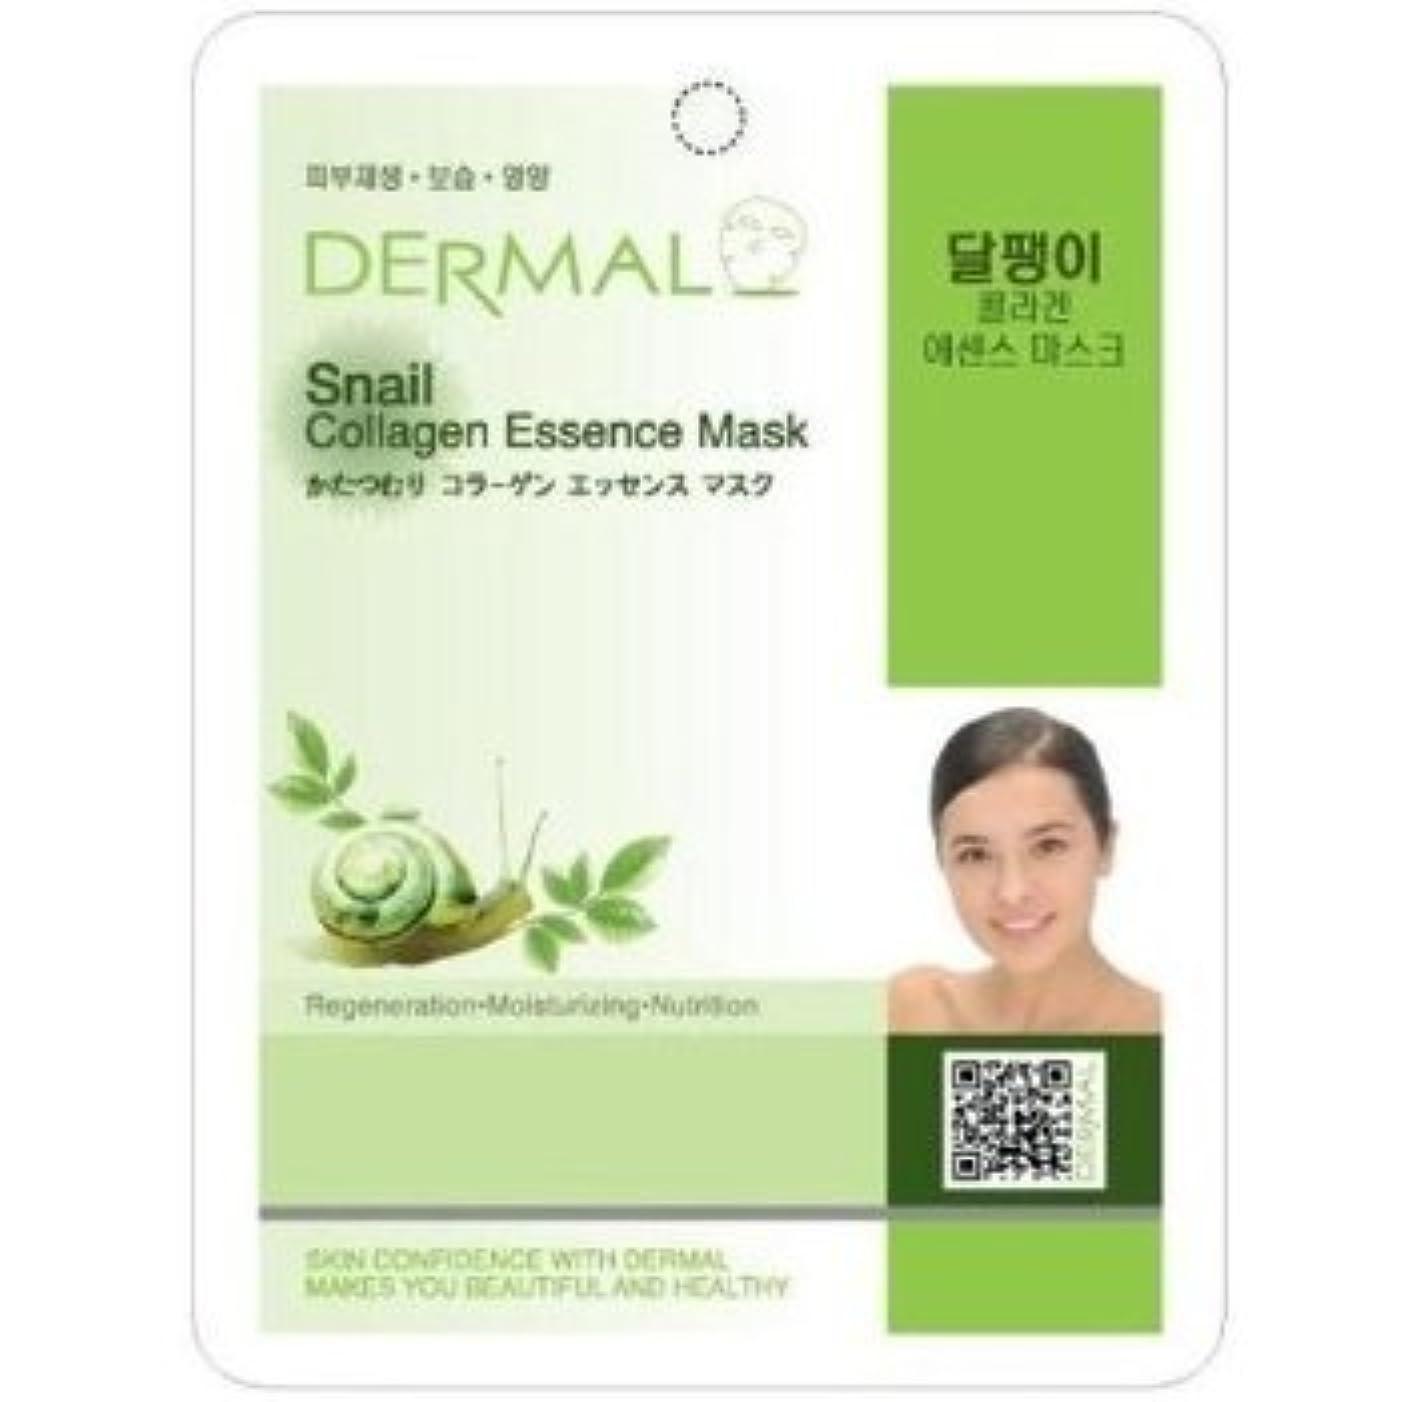 フォアマンホイスト航空便Dermal Korea Collagen Essence Full Face Facial Mask Sheet - Snail (100 pcs, 1box)